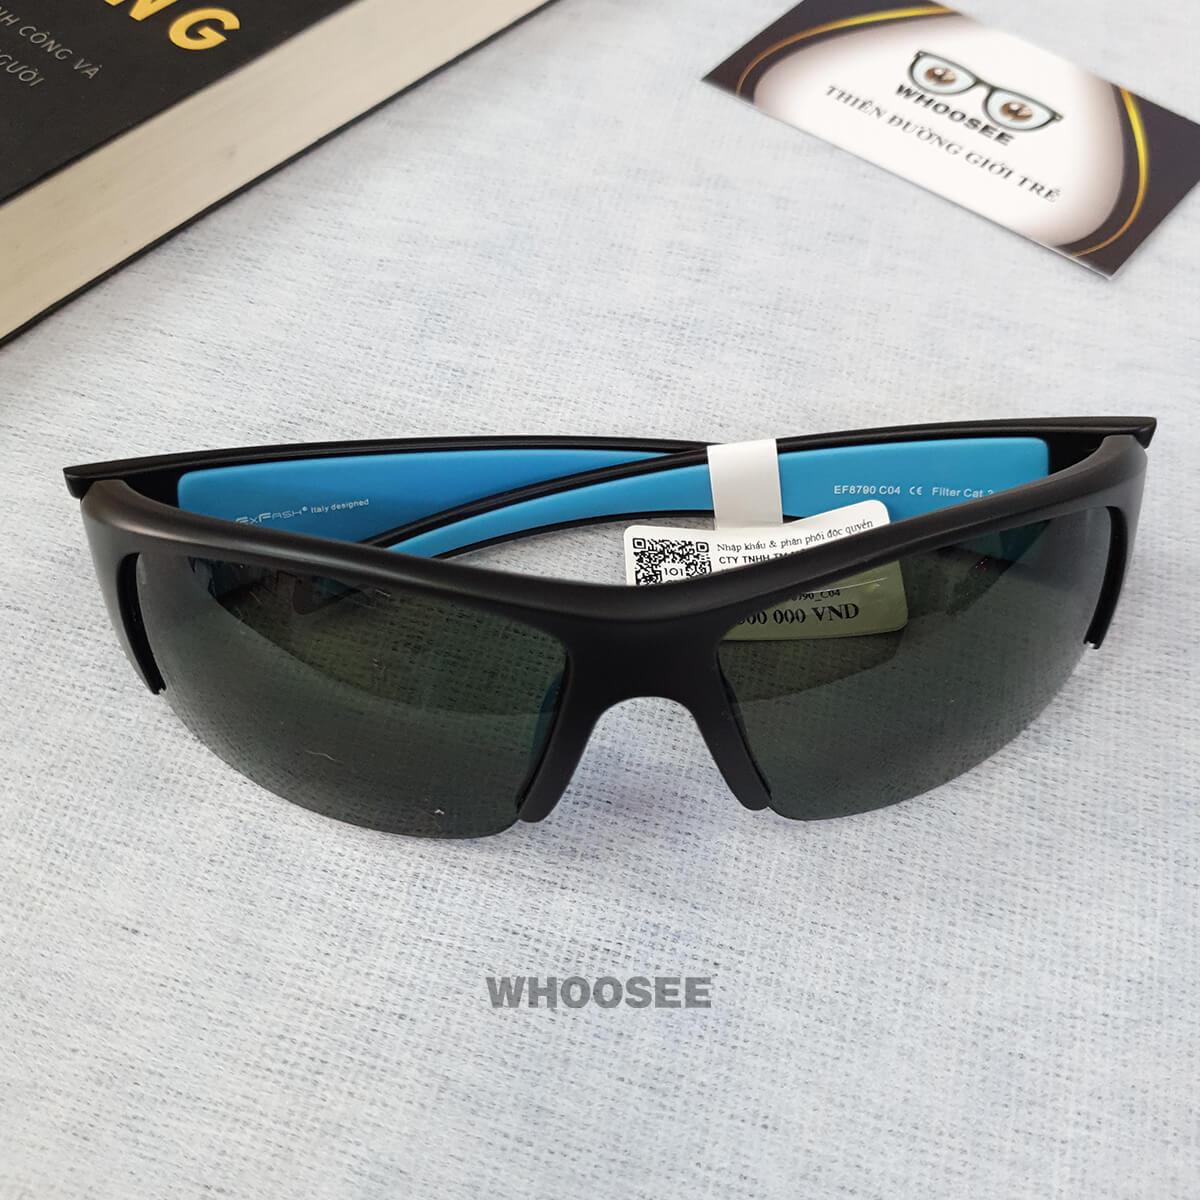 kính mát thể thao nam màu đen nhám xanh bằng nhựa ef8790 c04 exfash